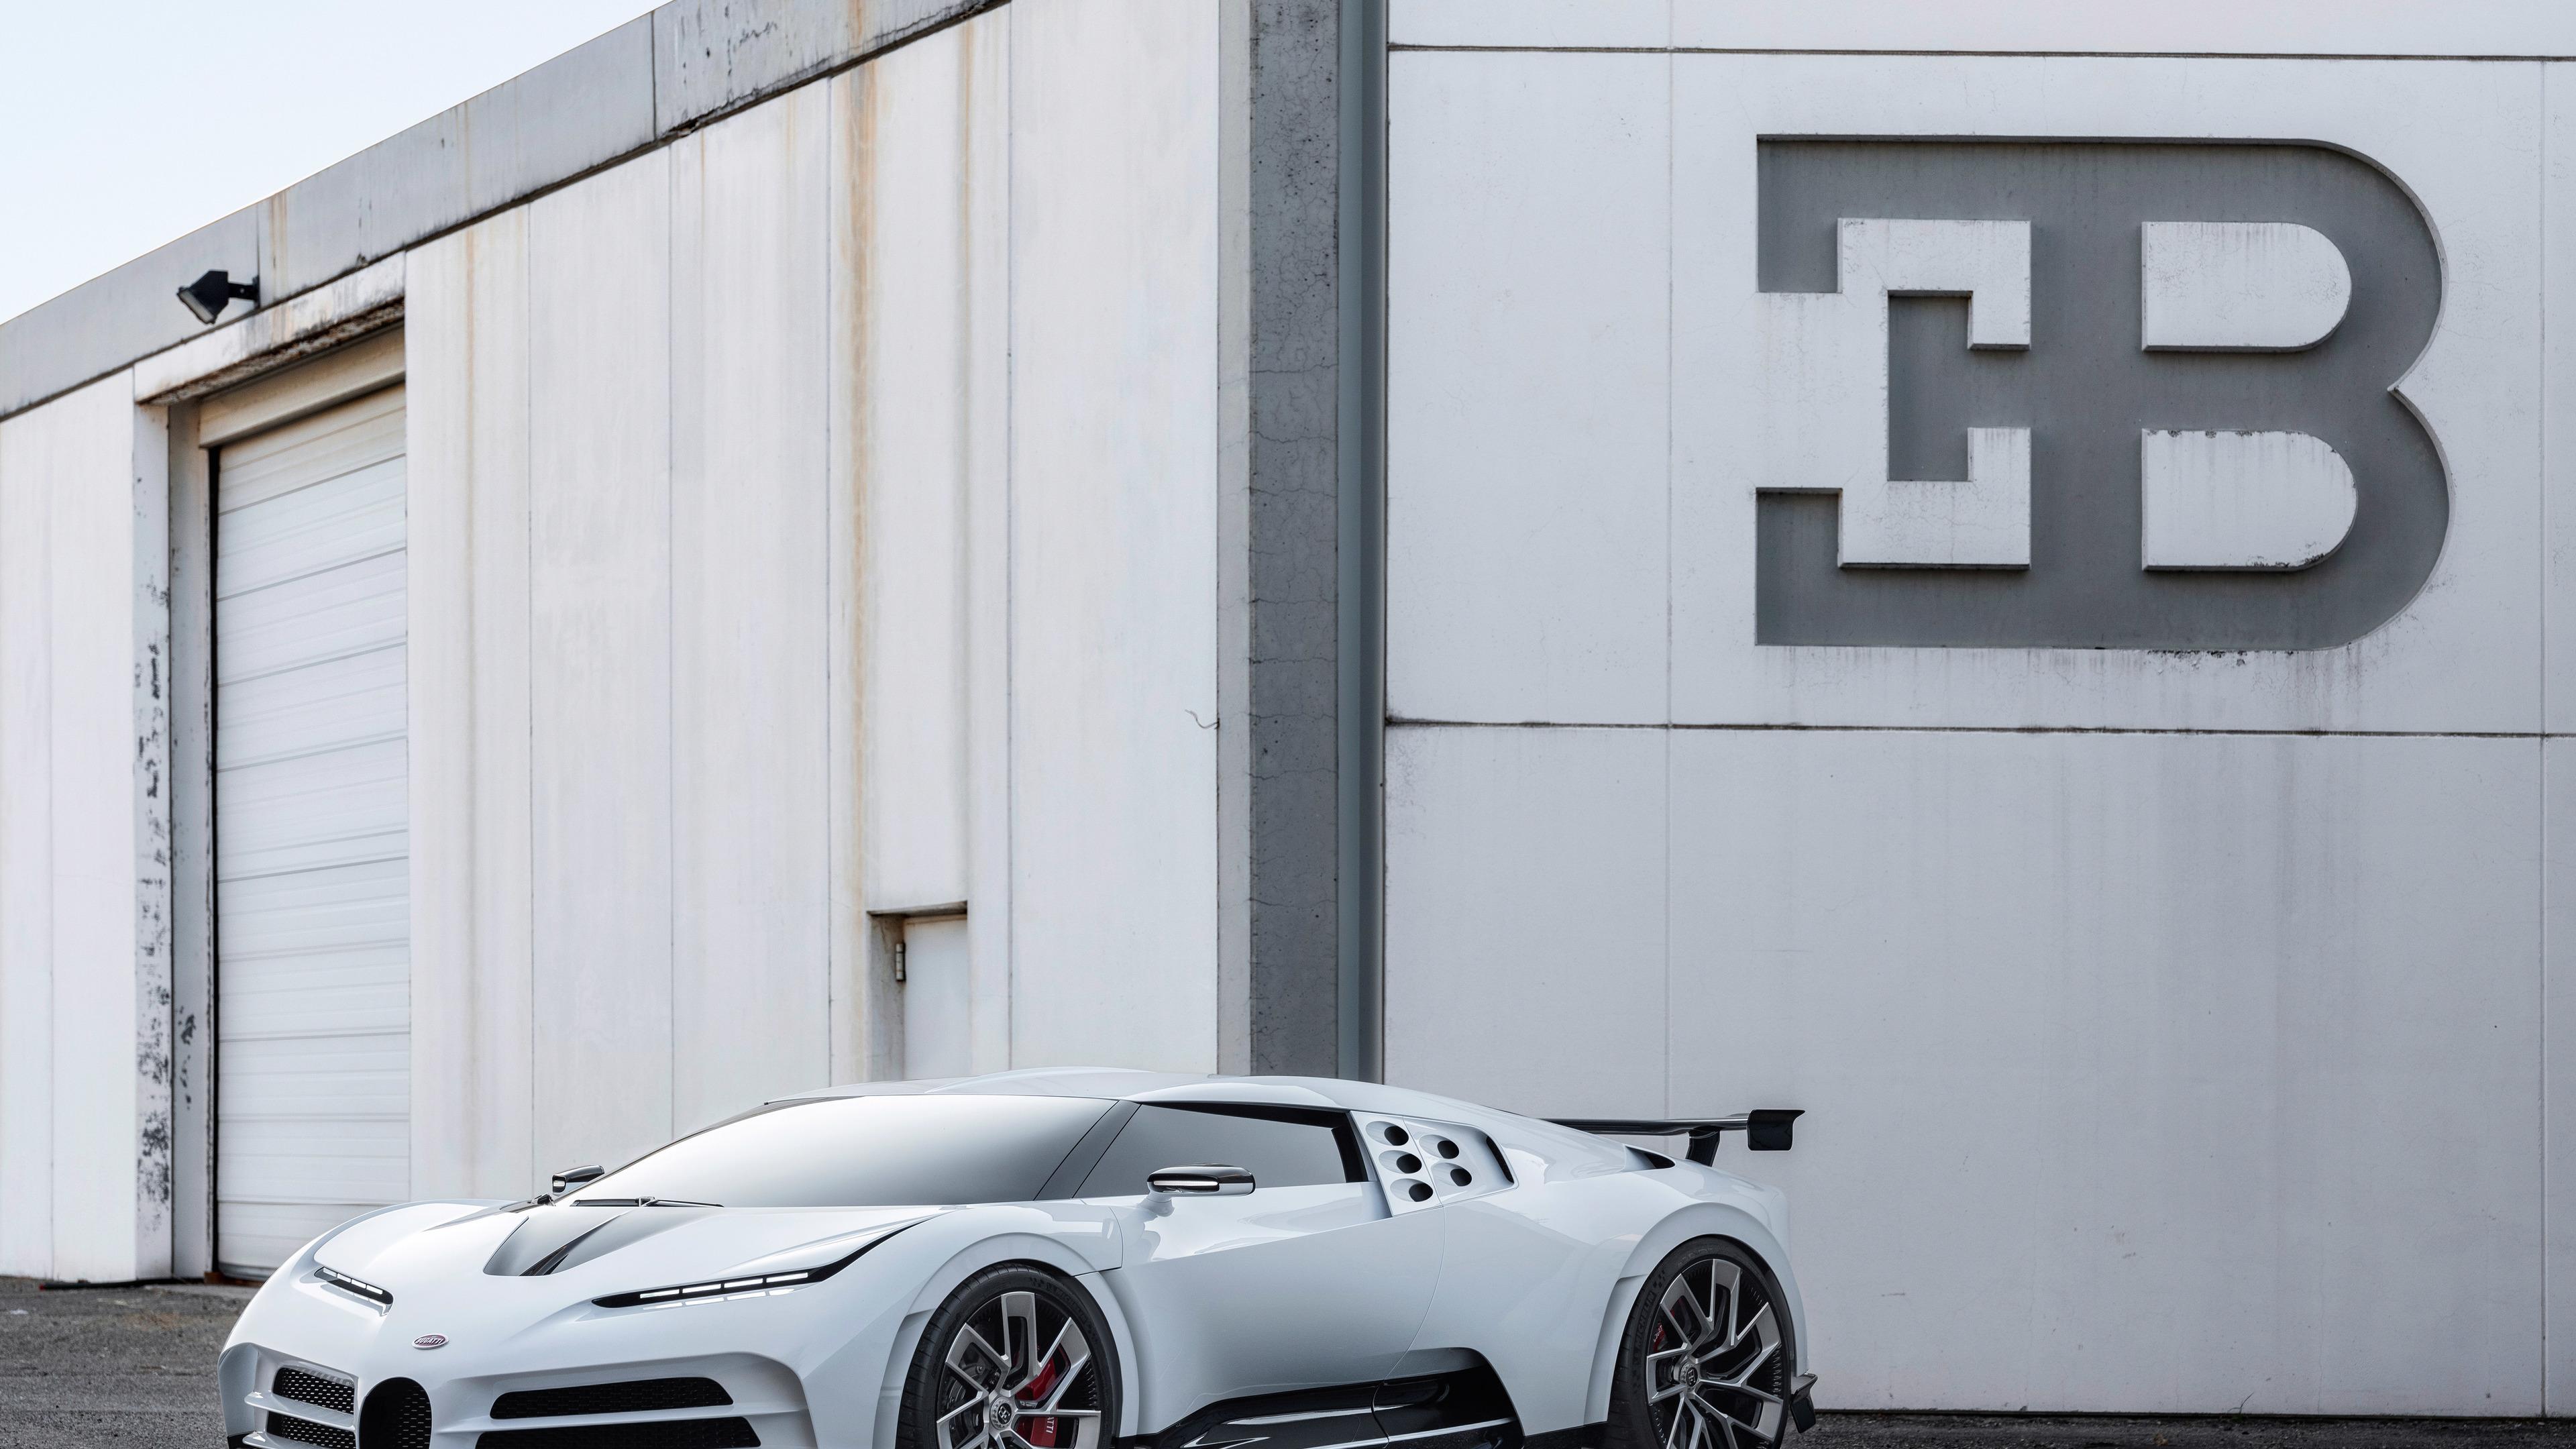 2020 bugatti centodieci 1569188917 - 2020 Bugatti Centodieci - hd-wallpapers, cars wallpapers, bugatti centodieci wallpapers, 8k wallpapers, 5k wallpapers, 4k-wallpapers, 2020 cars wallpapers